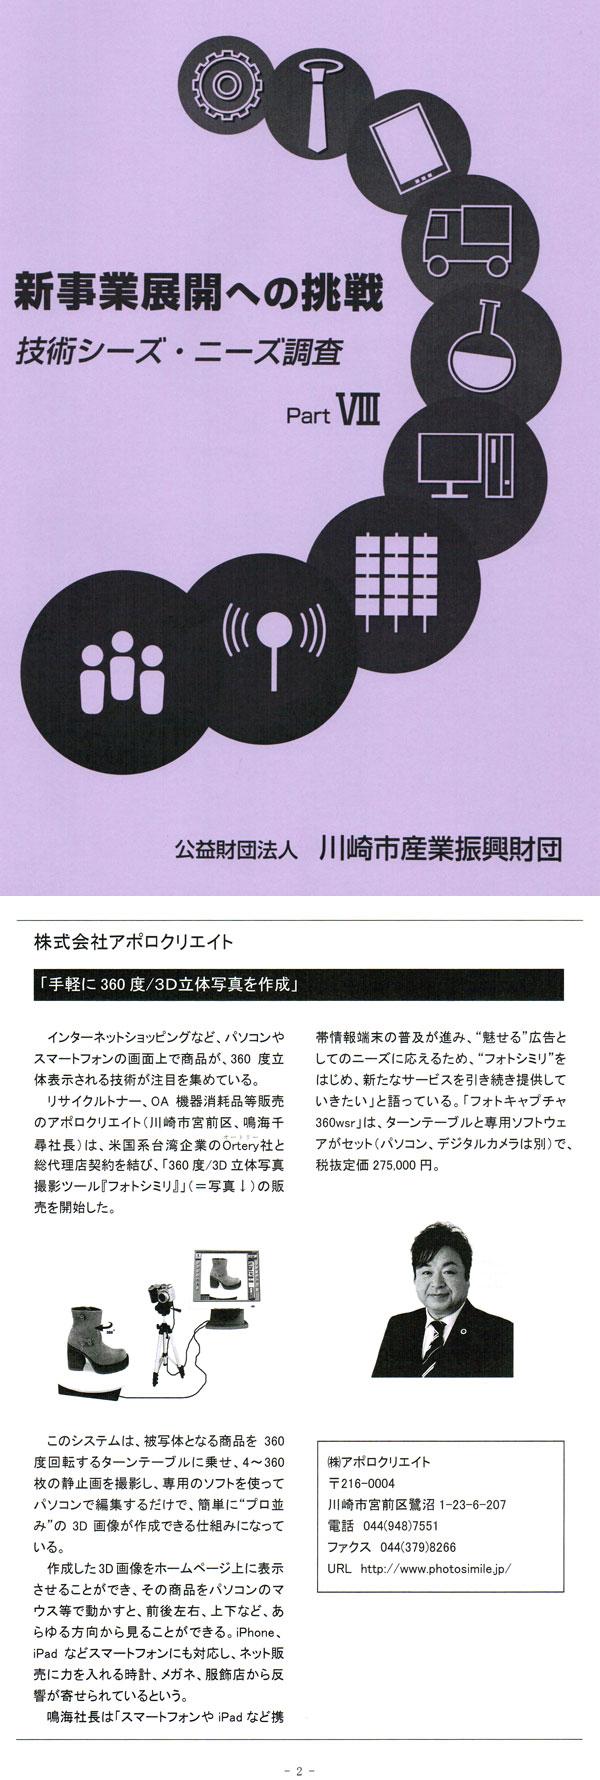 技術シーズ・ニーズ調査 partVIIIに掲載されました。